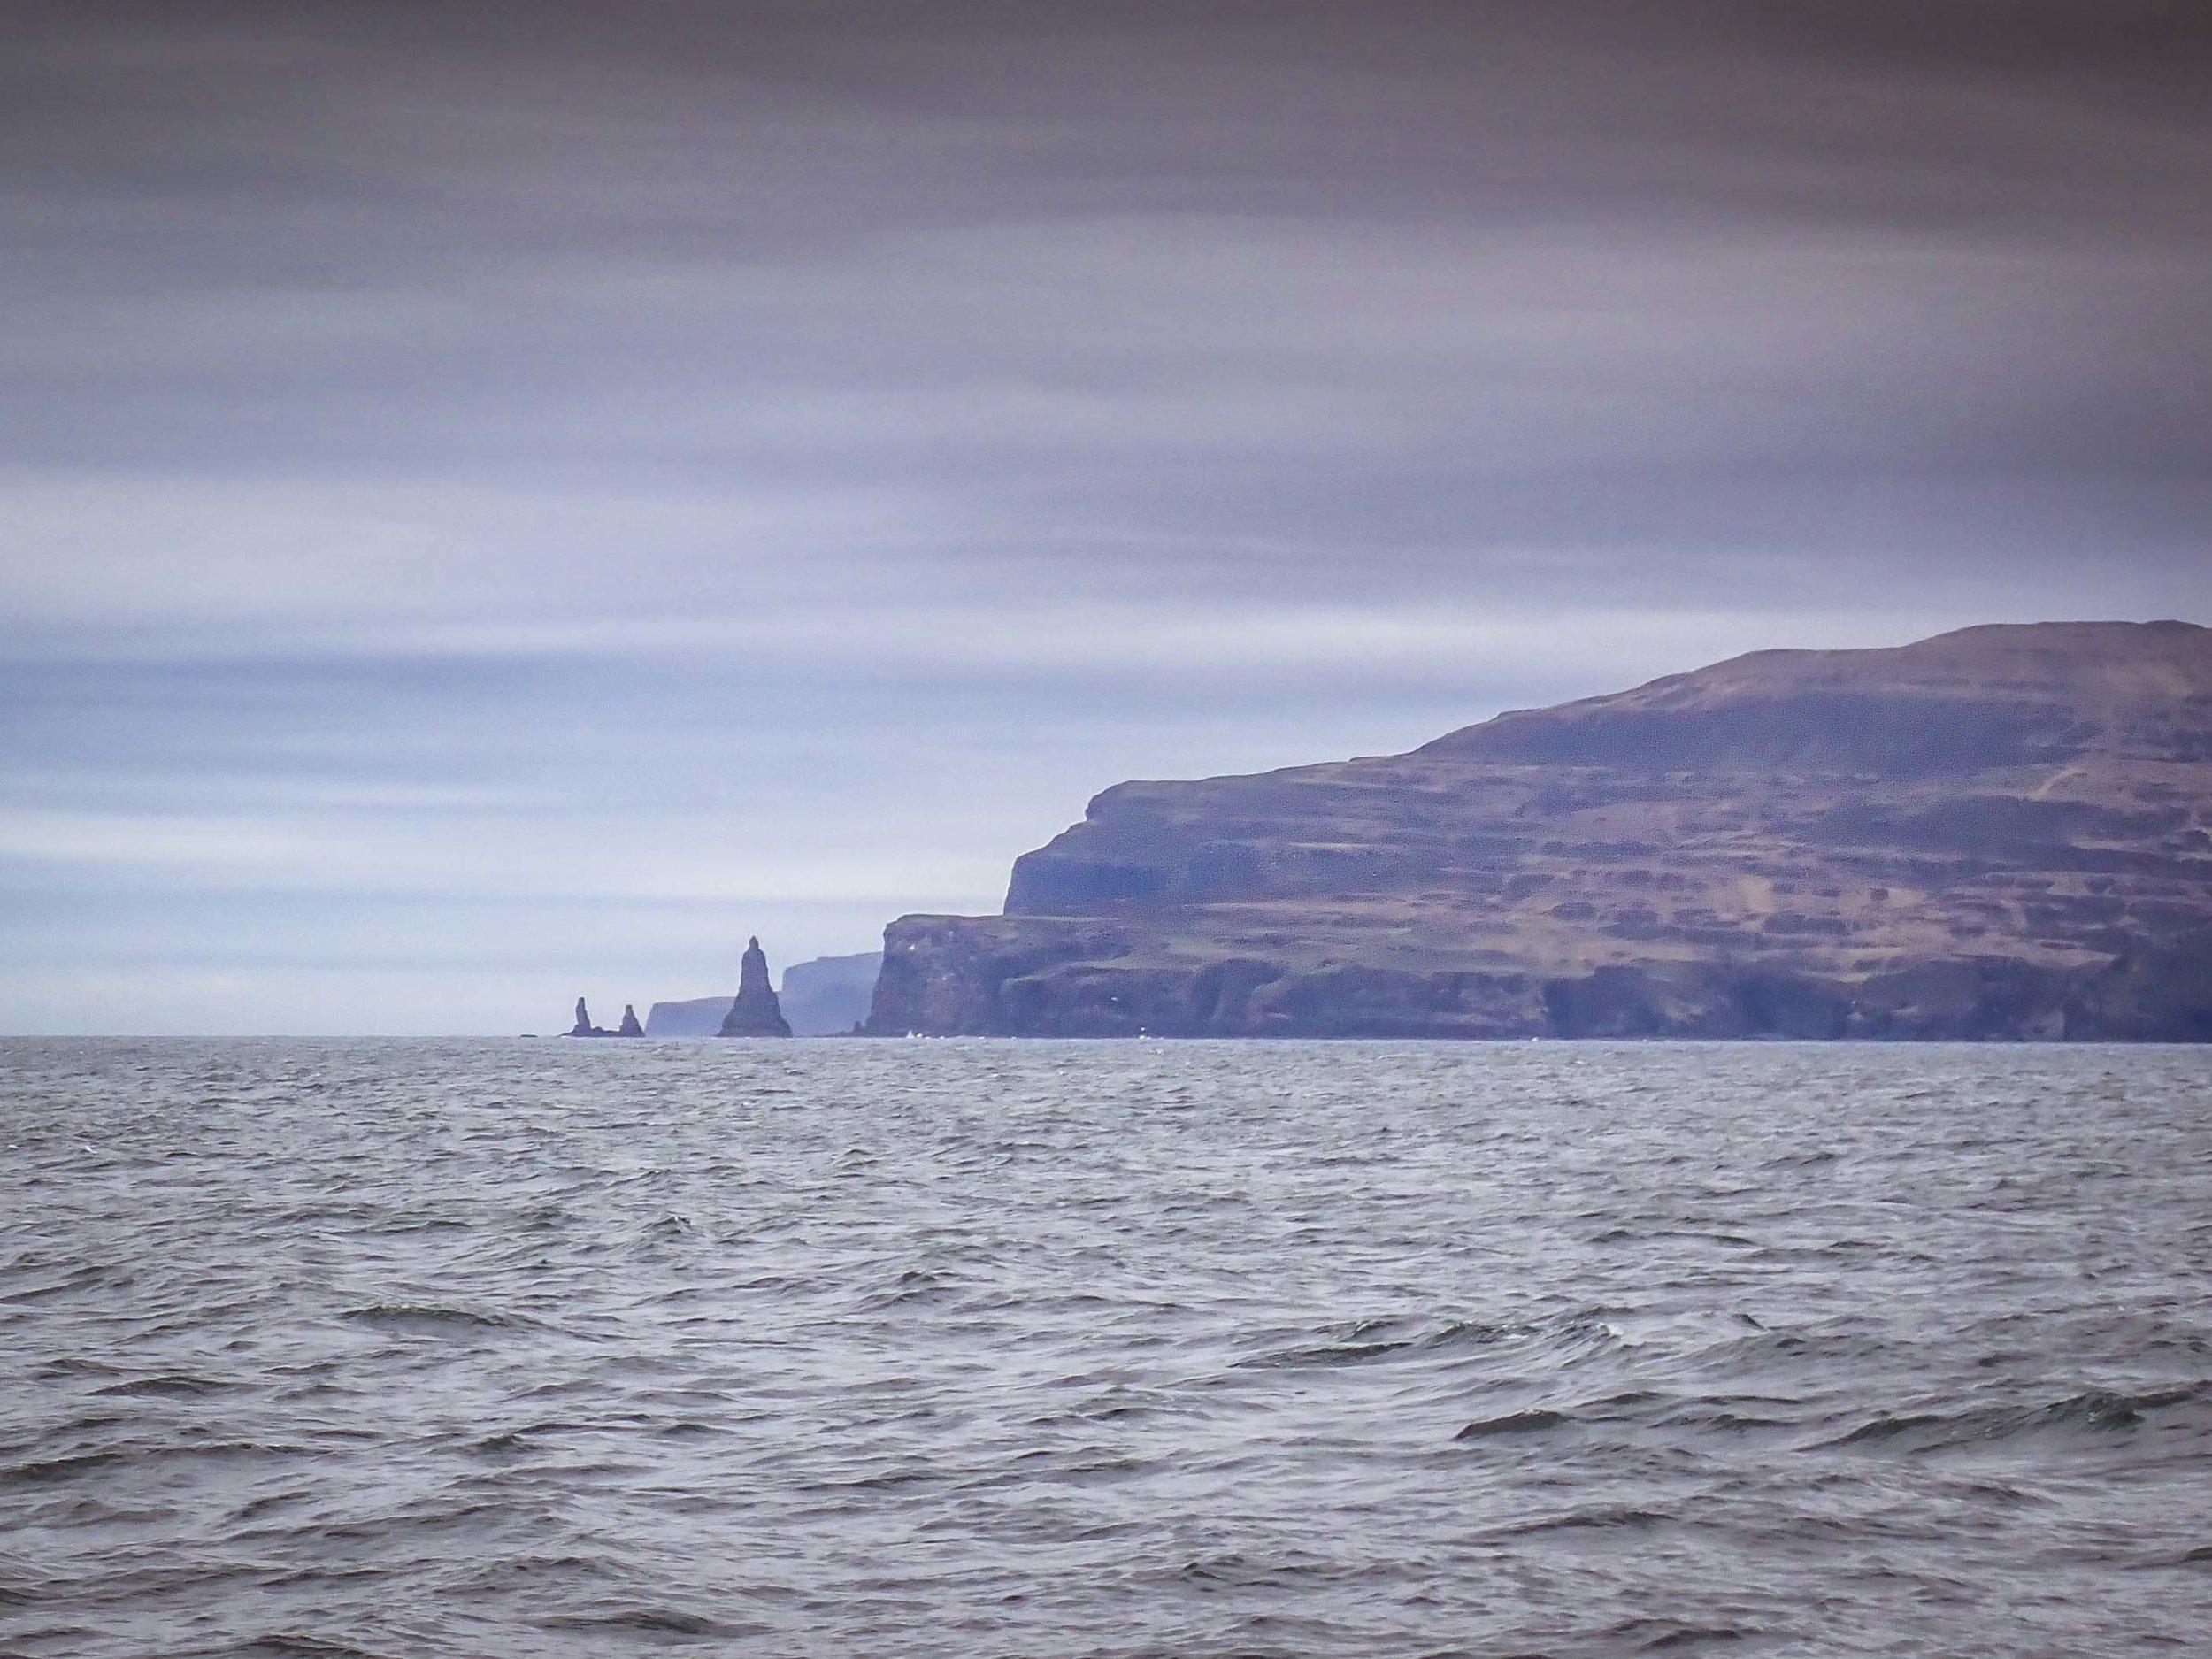 Mcloud's Maiden's to starboard leaving Loch Harport